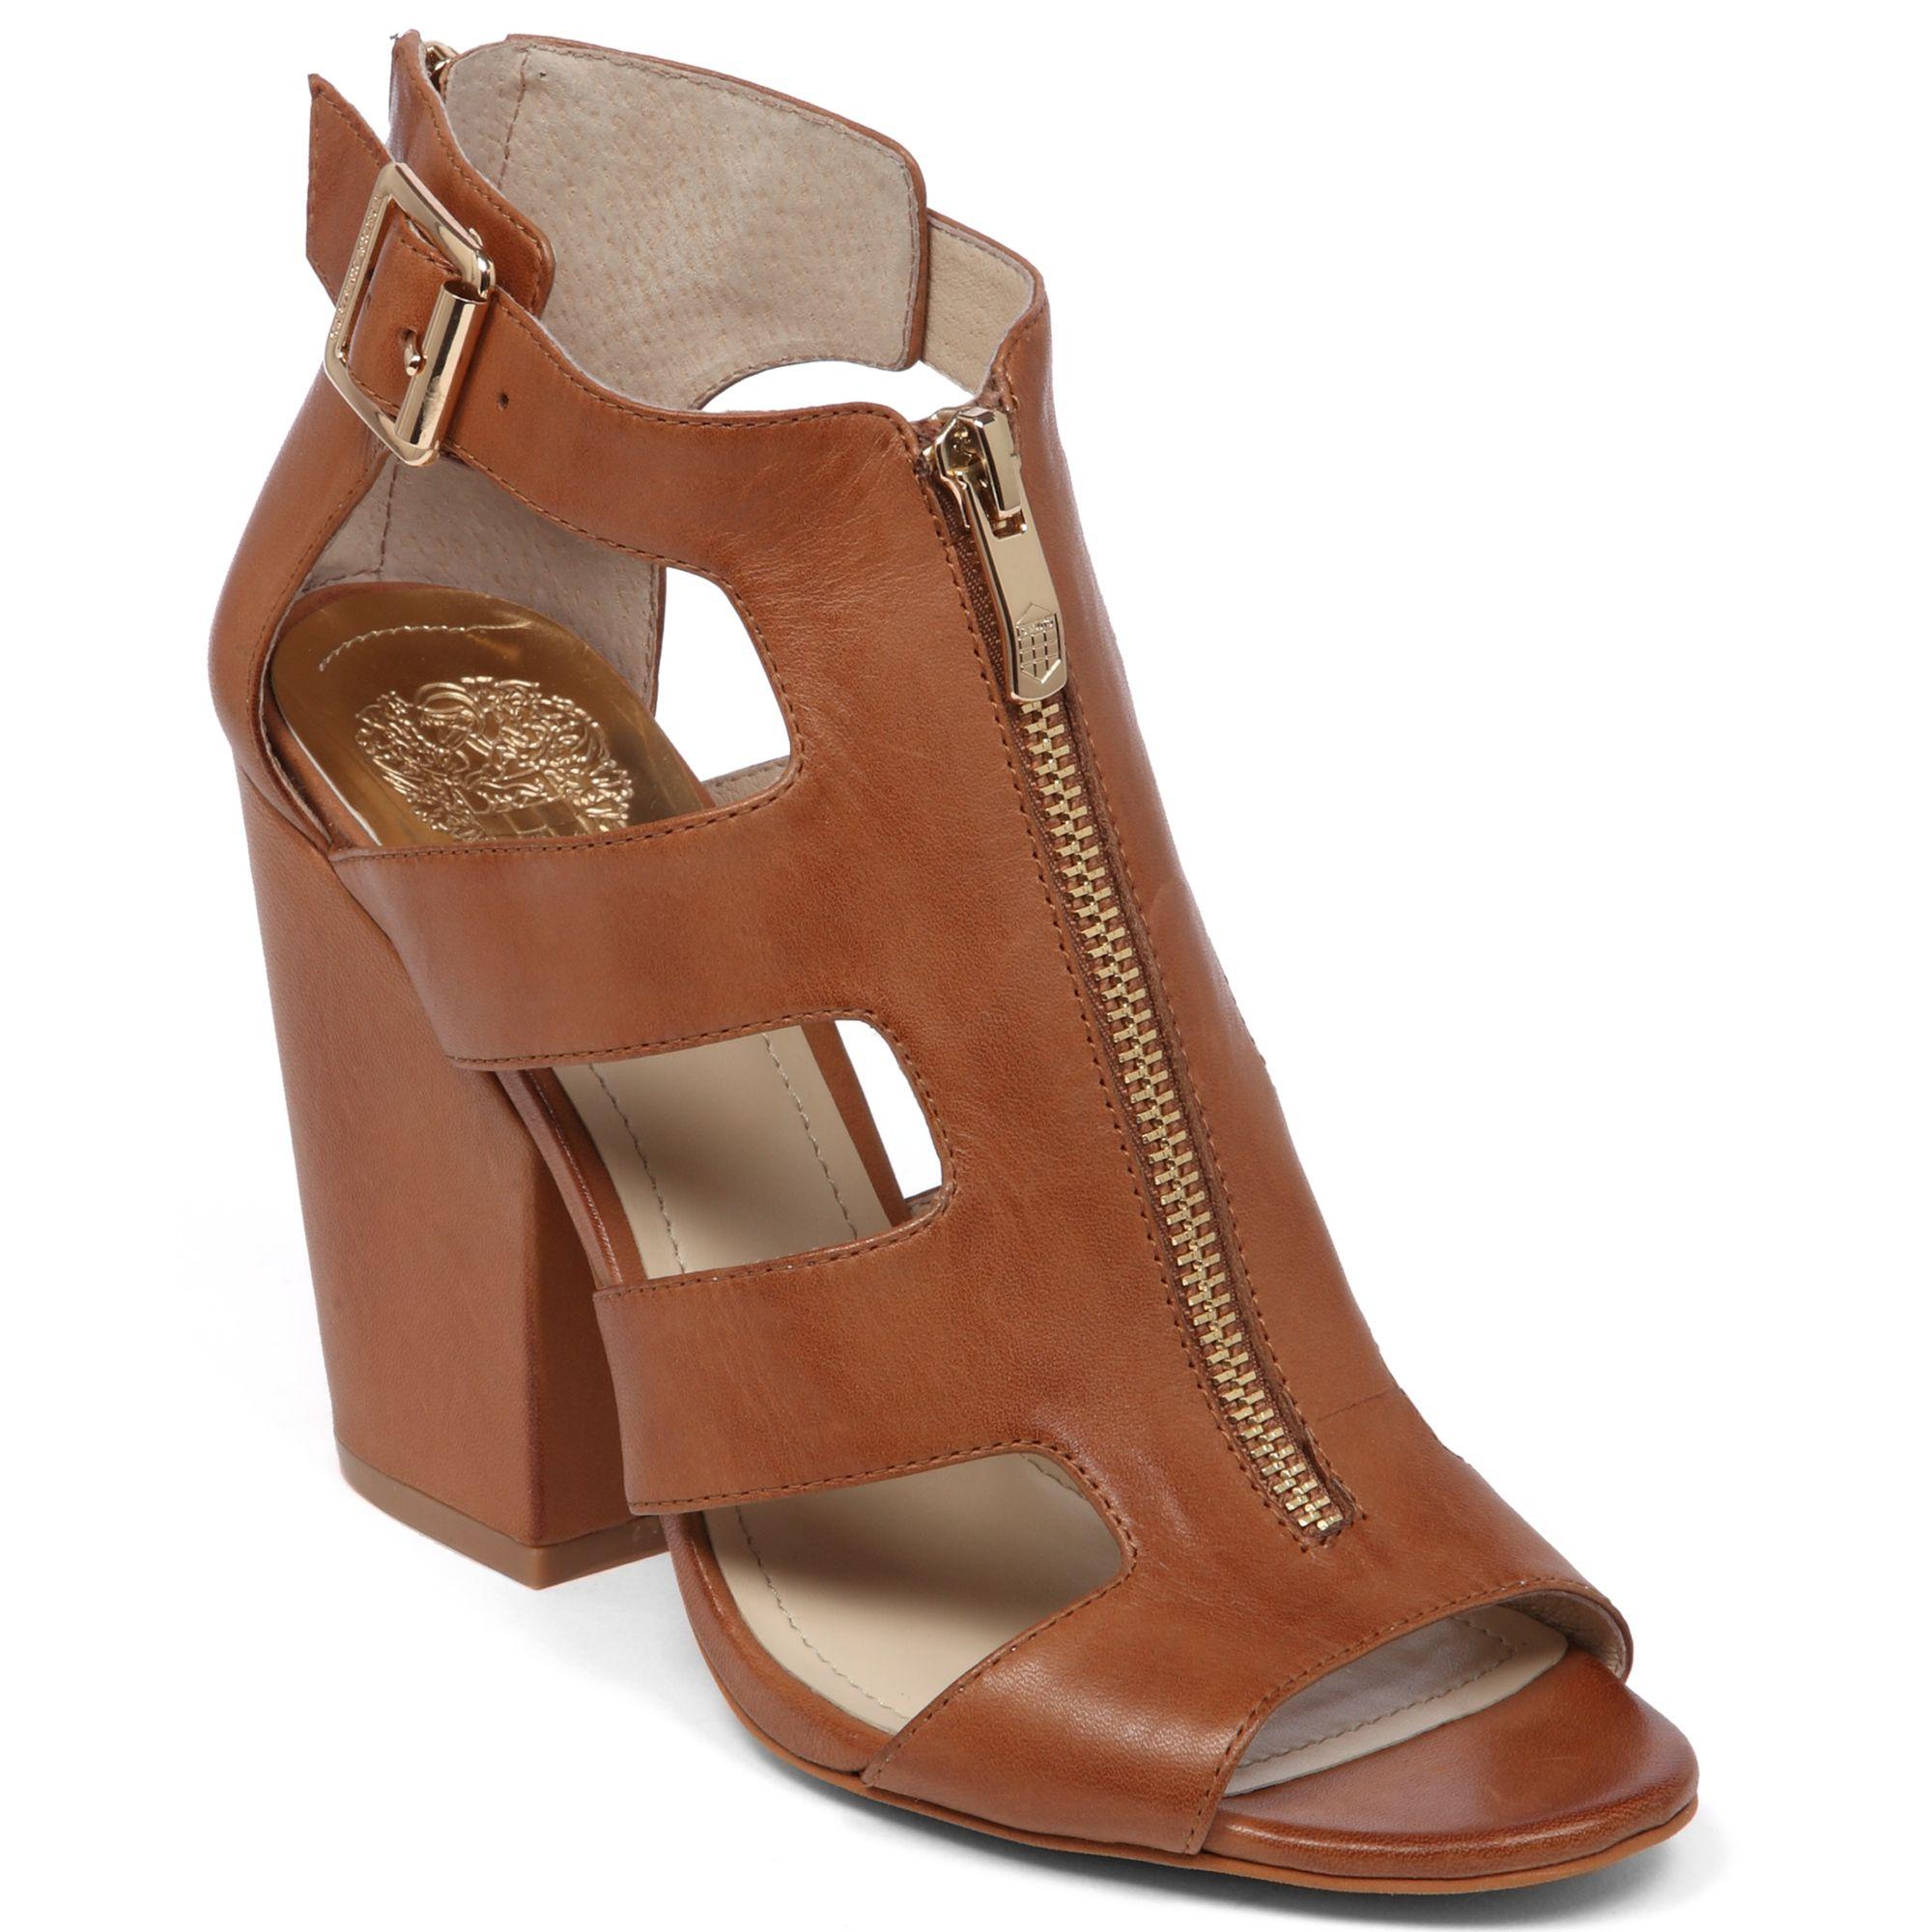 Vince Camuto Marleau Block Heel Sandals In Brown Fudge